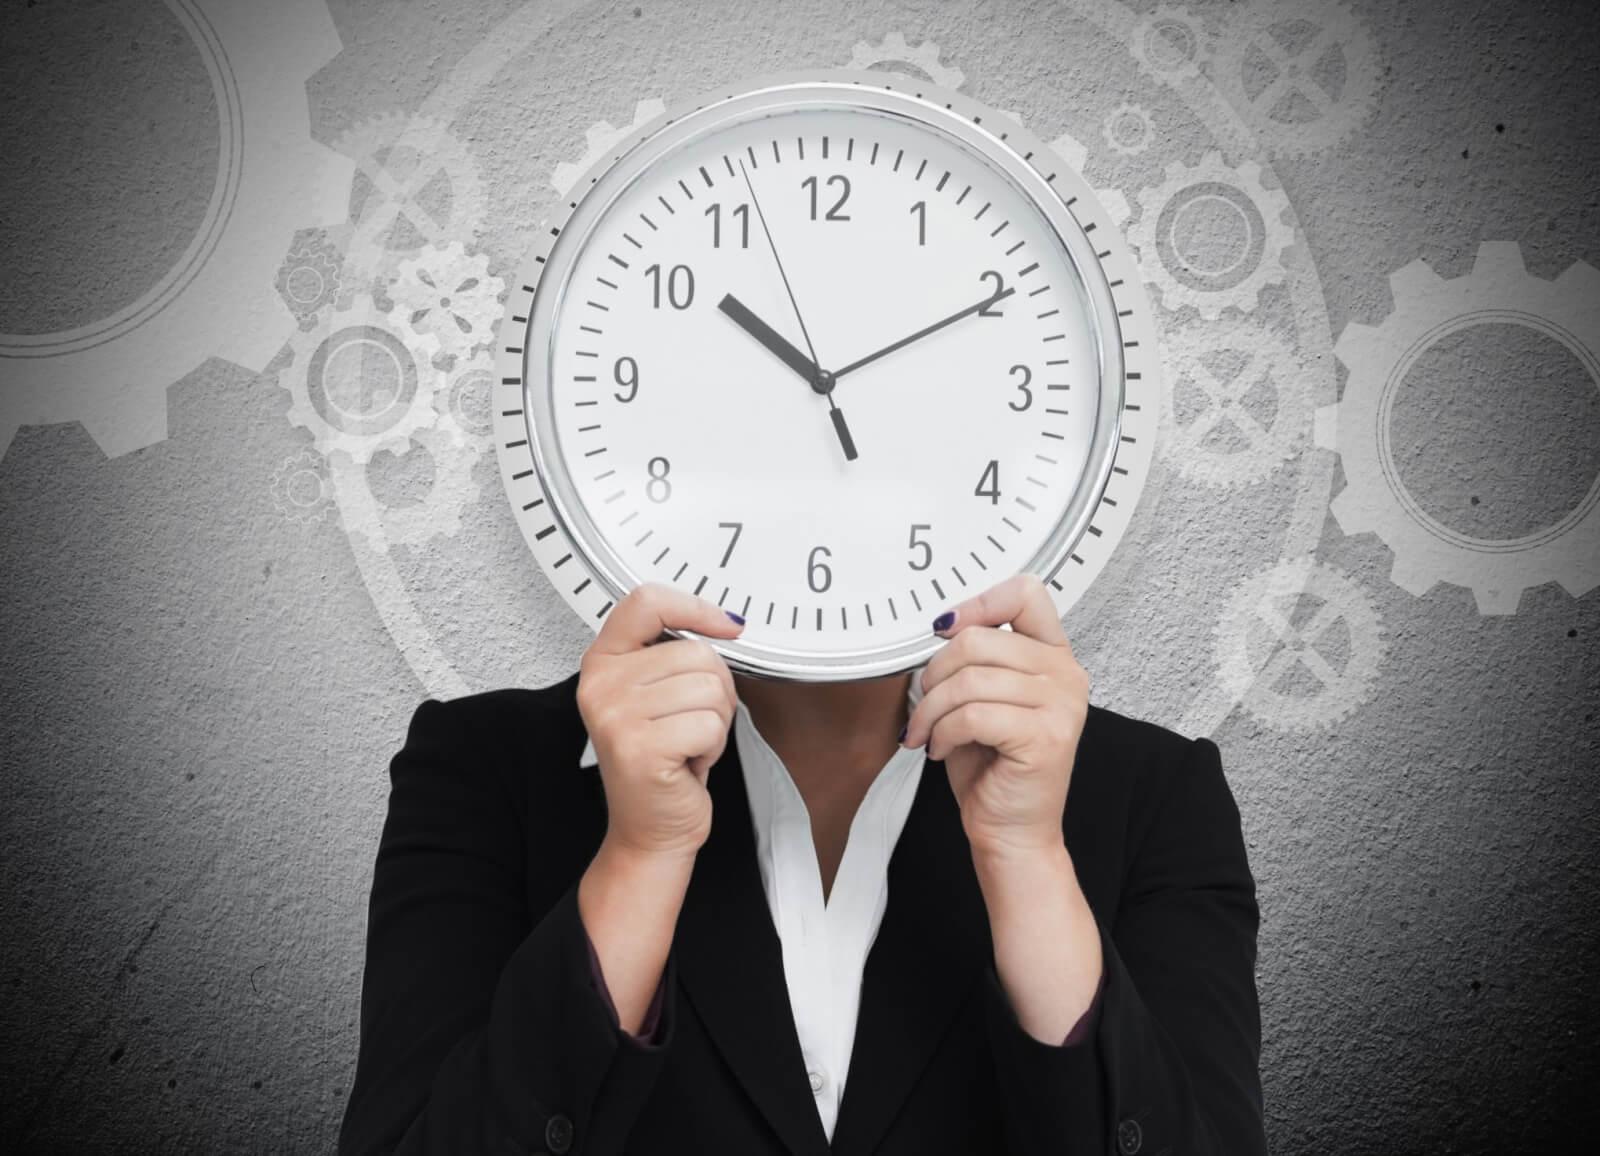 Какими нормативными актами определяется режим рабочего времени и что это такое